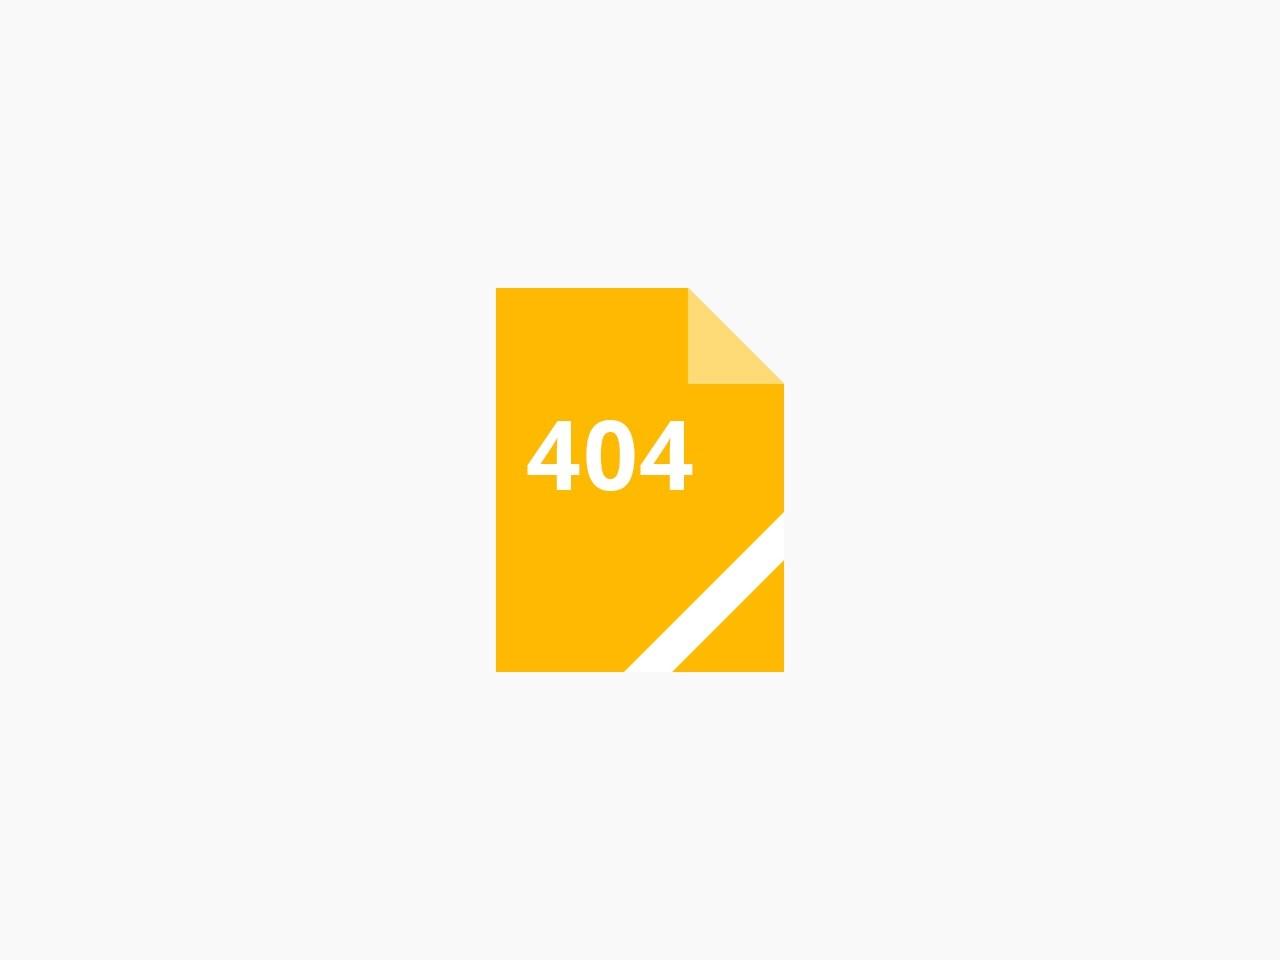 剧情吧_最新电视剧分集剧情介绍,剧情介绍网